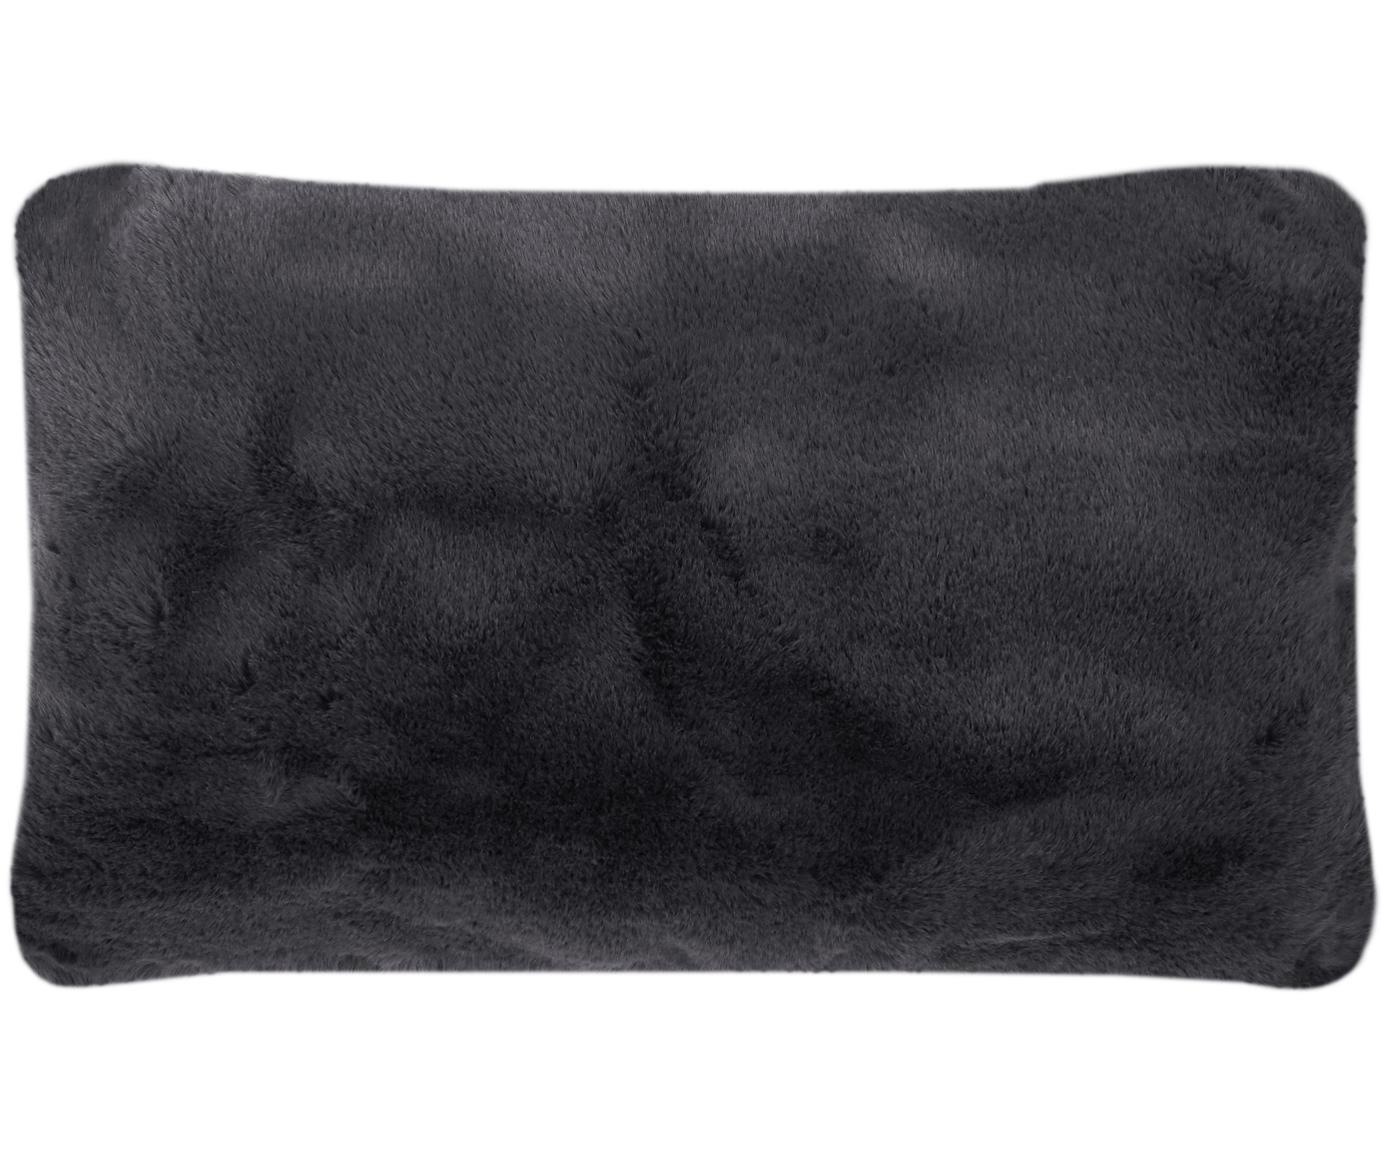 Poszewka na poduszkę ze sztucznego futra Mette, gładki, Ciemny szary, S 30 x D 50 cm